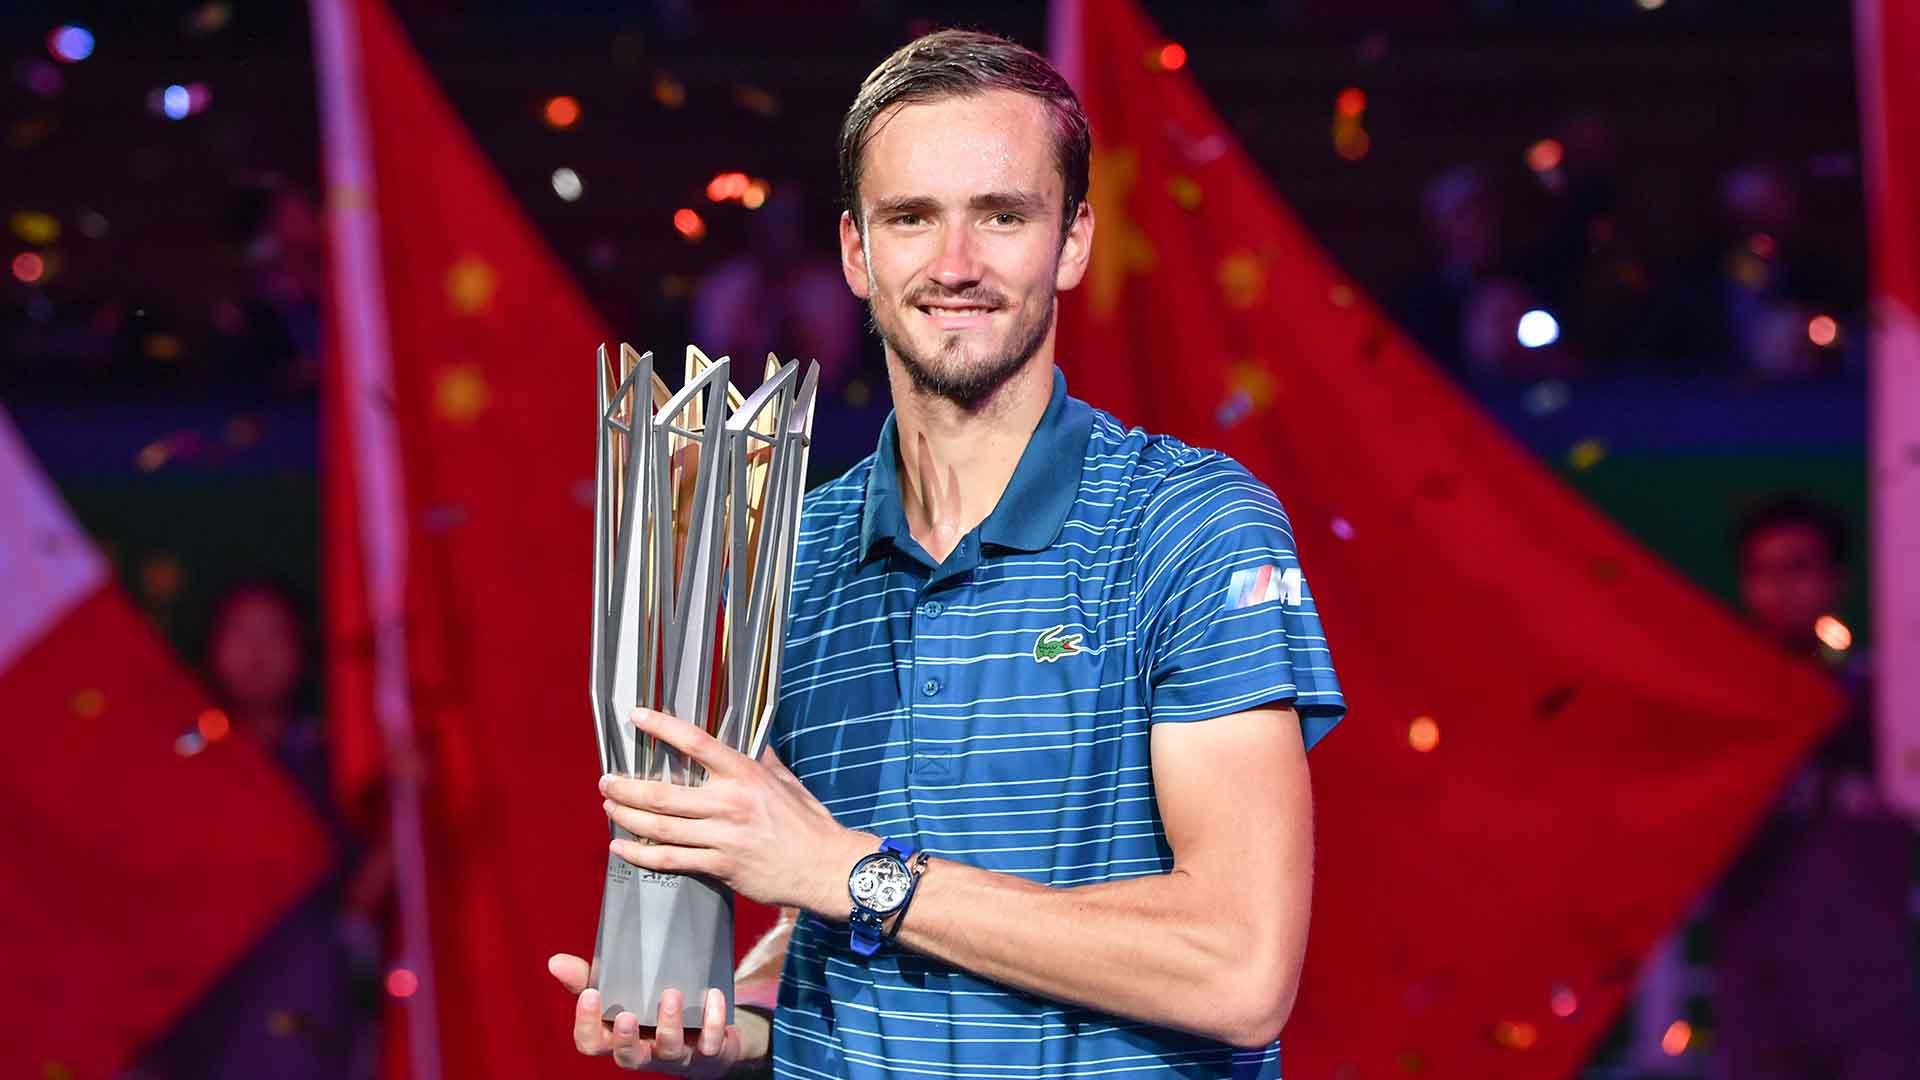 medvedev-shanghai-2019-final-trophy